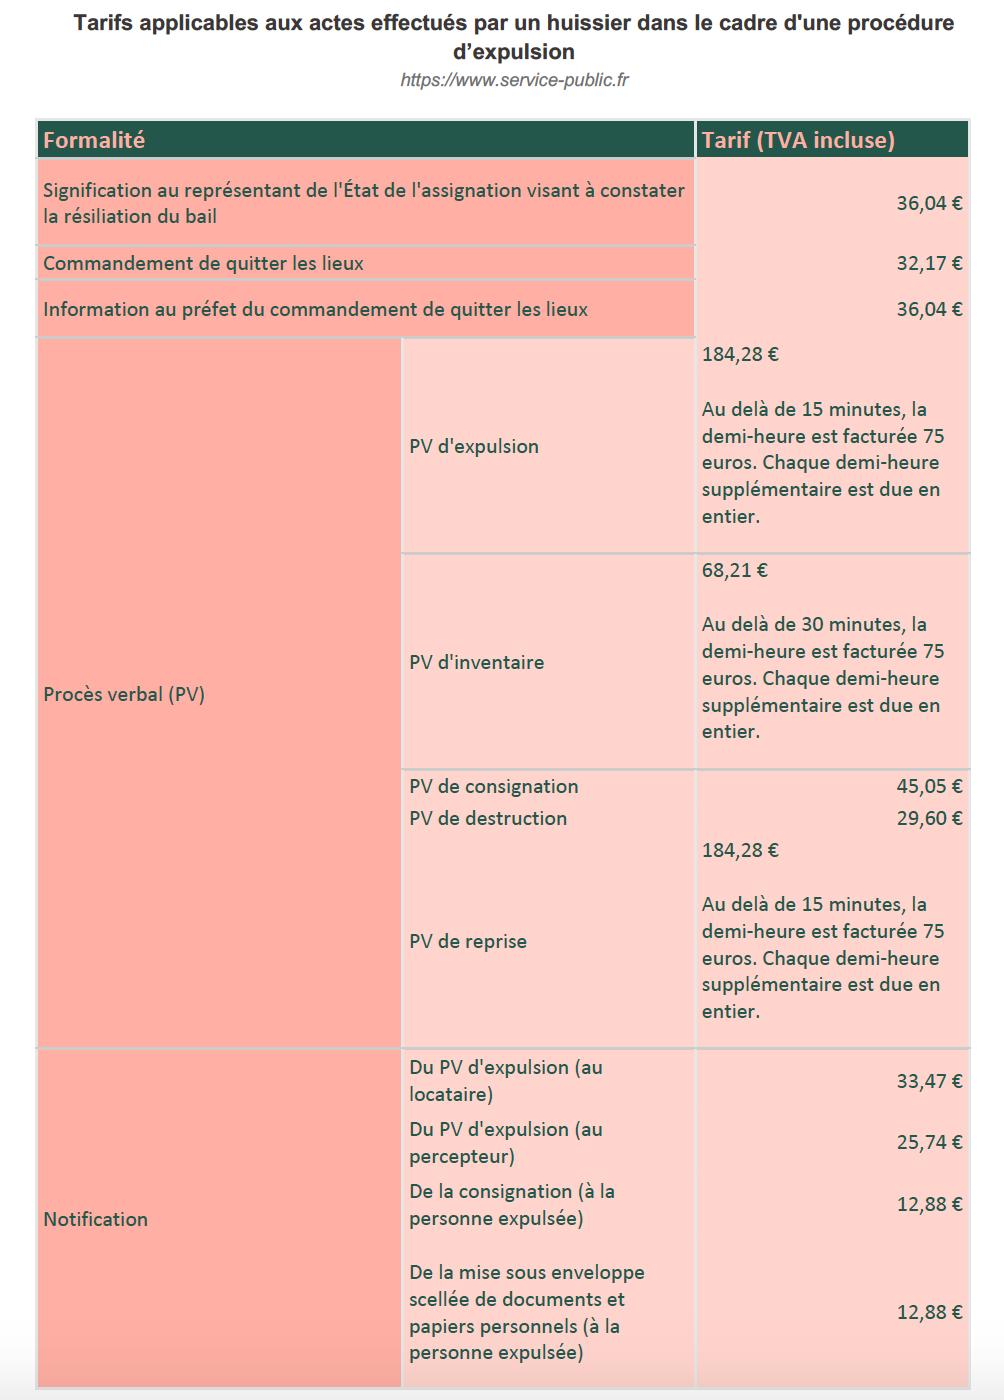 Tableau des tarifs  pplicables aux actes effectués par un huissier dans le cadre t'une procédure d'expulsion source : service-public.fr